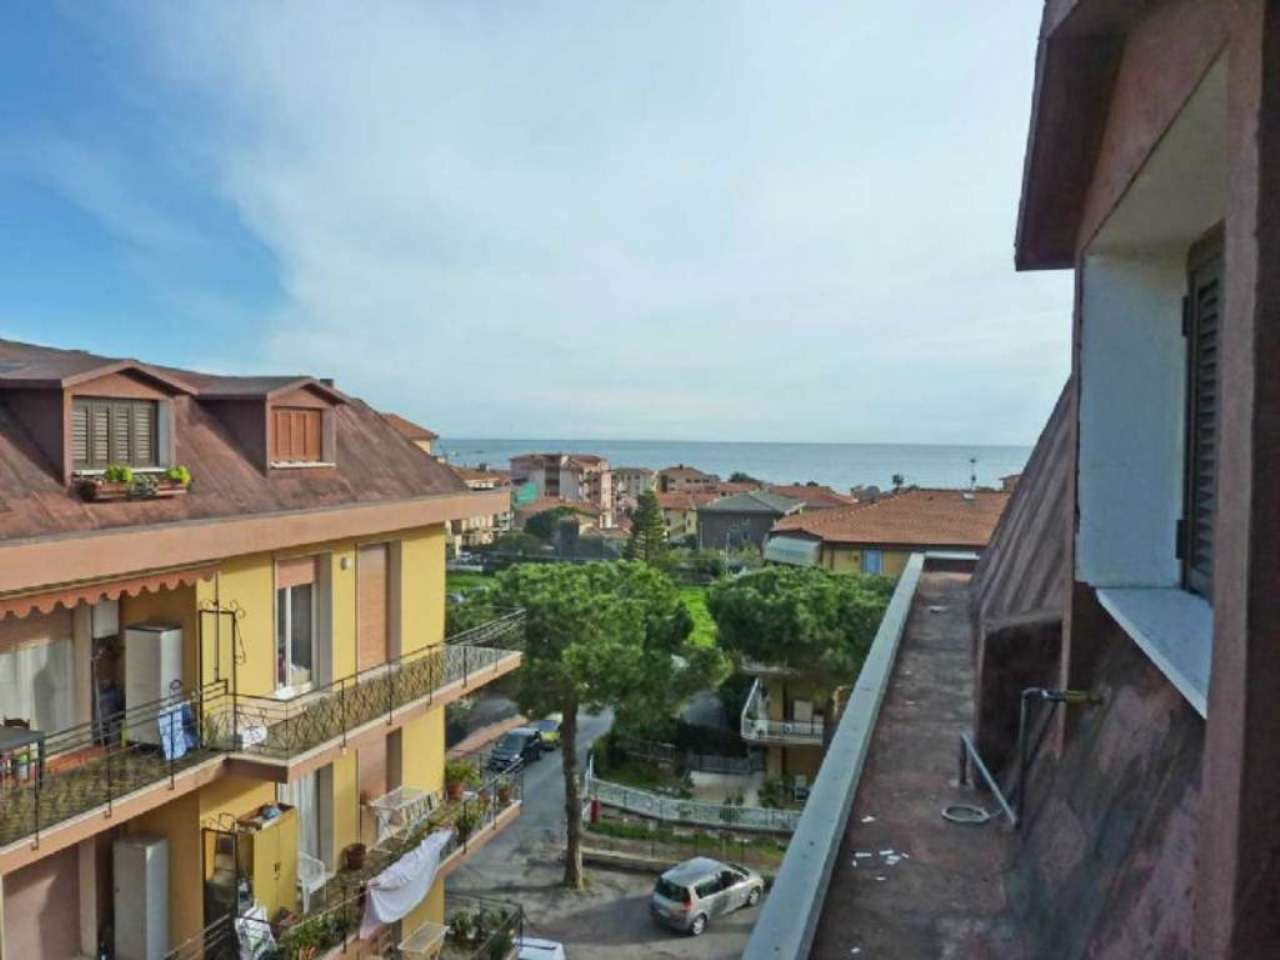 Bilocale Riva Ligure Strada Statale 1 Via Aurelia 12